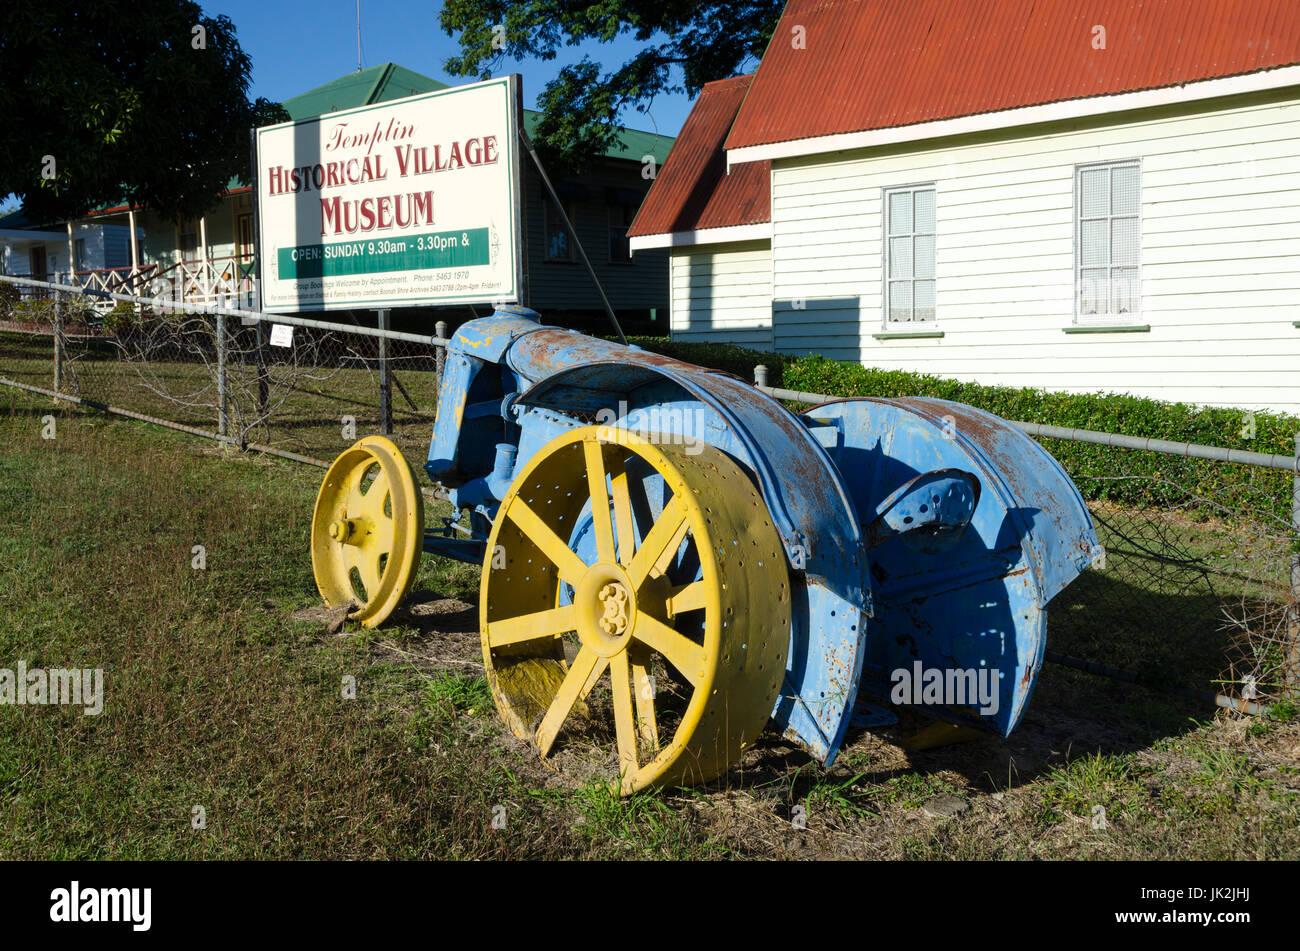 Viejo tractor Fordson Templin, pueblo histórico museo, Boonah, Queensland, Australia Imagen De Stock